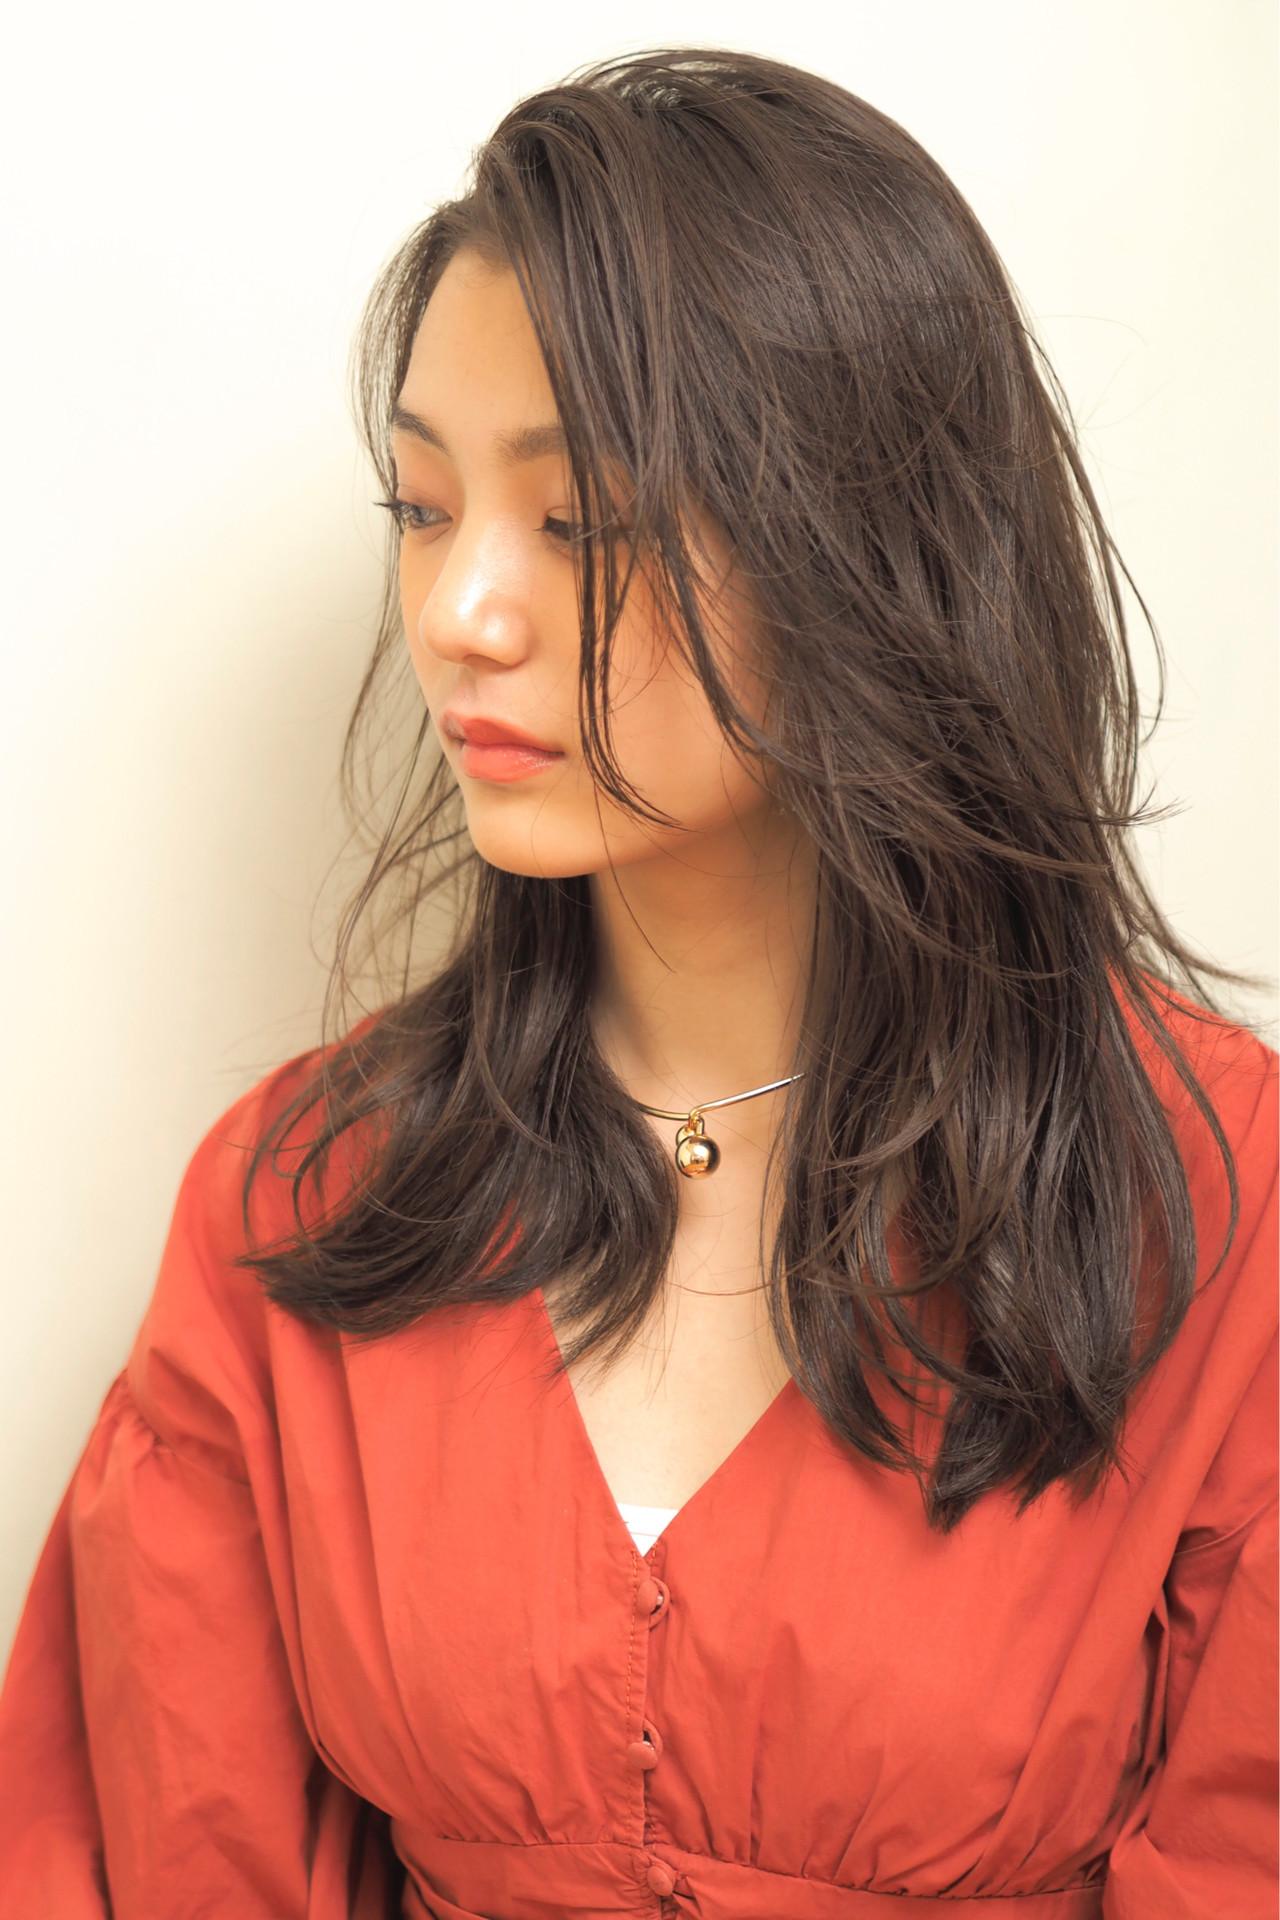 レイヤースタイル レイヤーロングヘア レイヤーカット 大人ロング ヘアスタイルや髪型の写真・画像